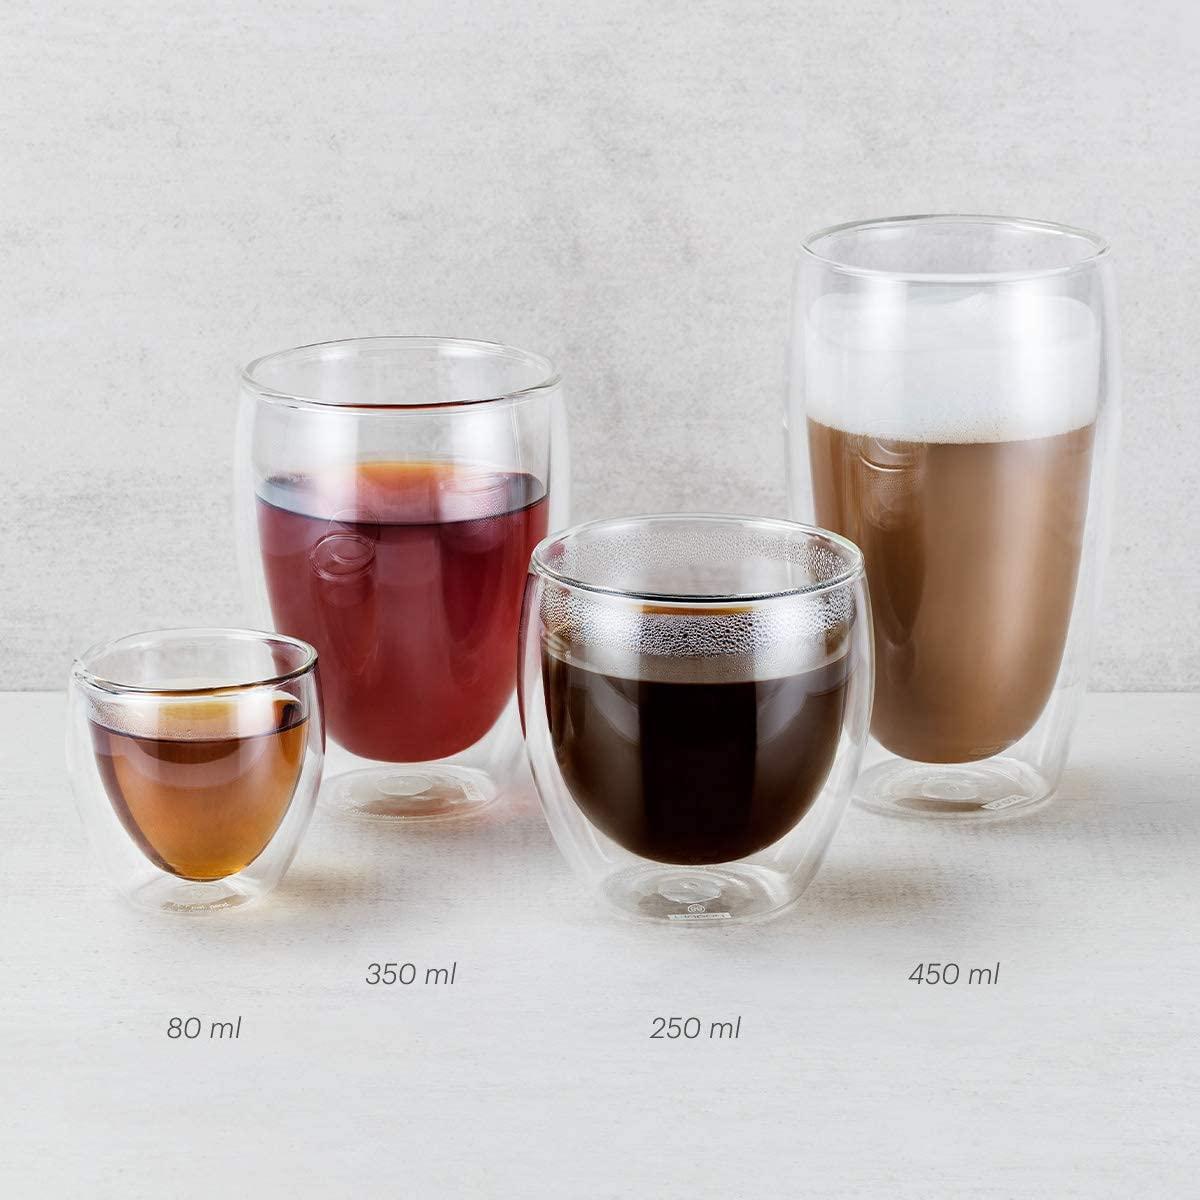 PAVINA(パヴィーナ) ダブルウォール グラス 80ml 2個セット 4557-10の商品画像3